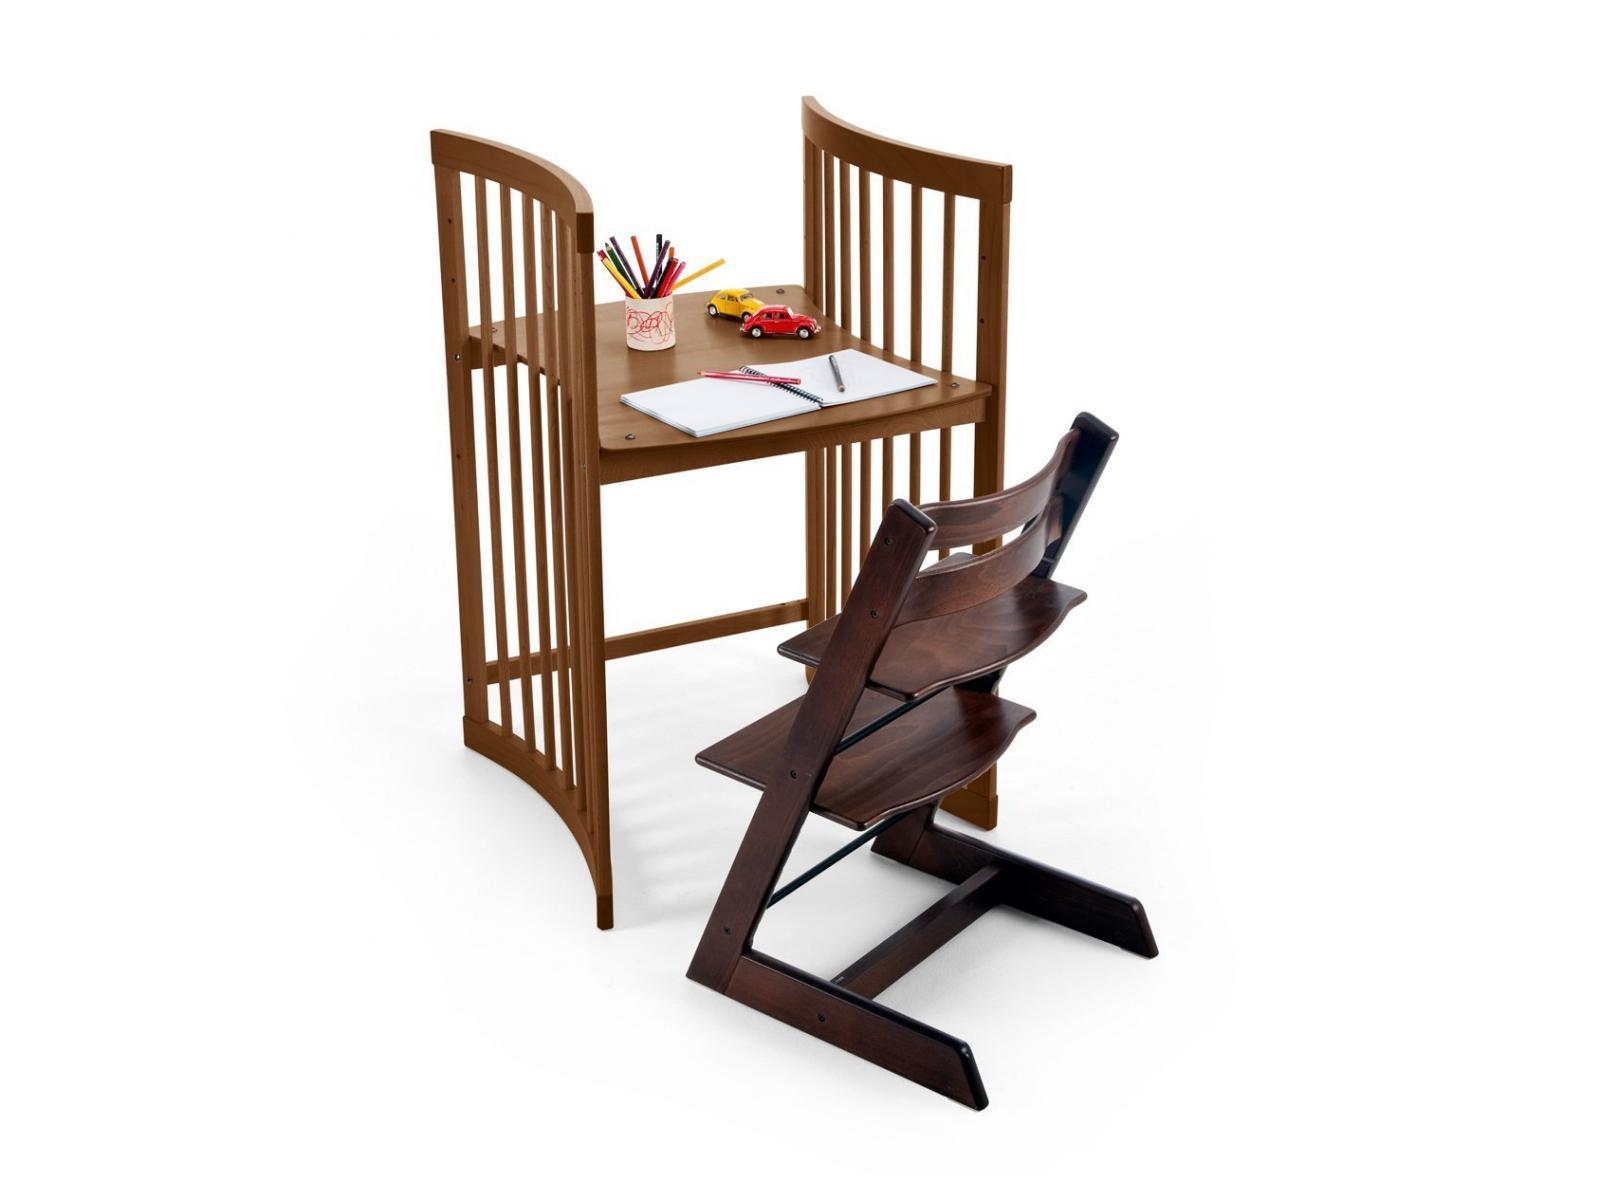 Stokke Table A Langer Avec 2 Bacs En Platisque 2